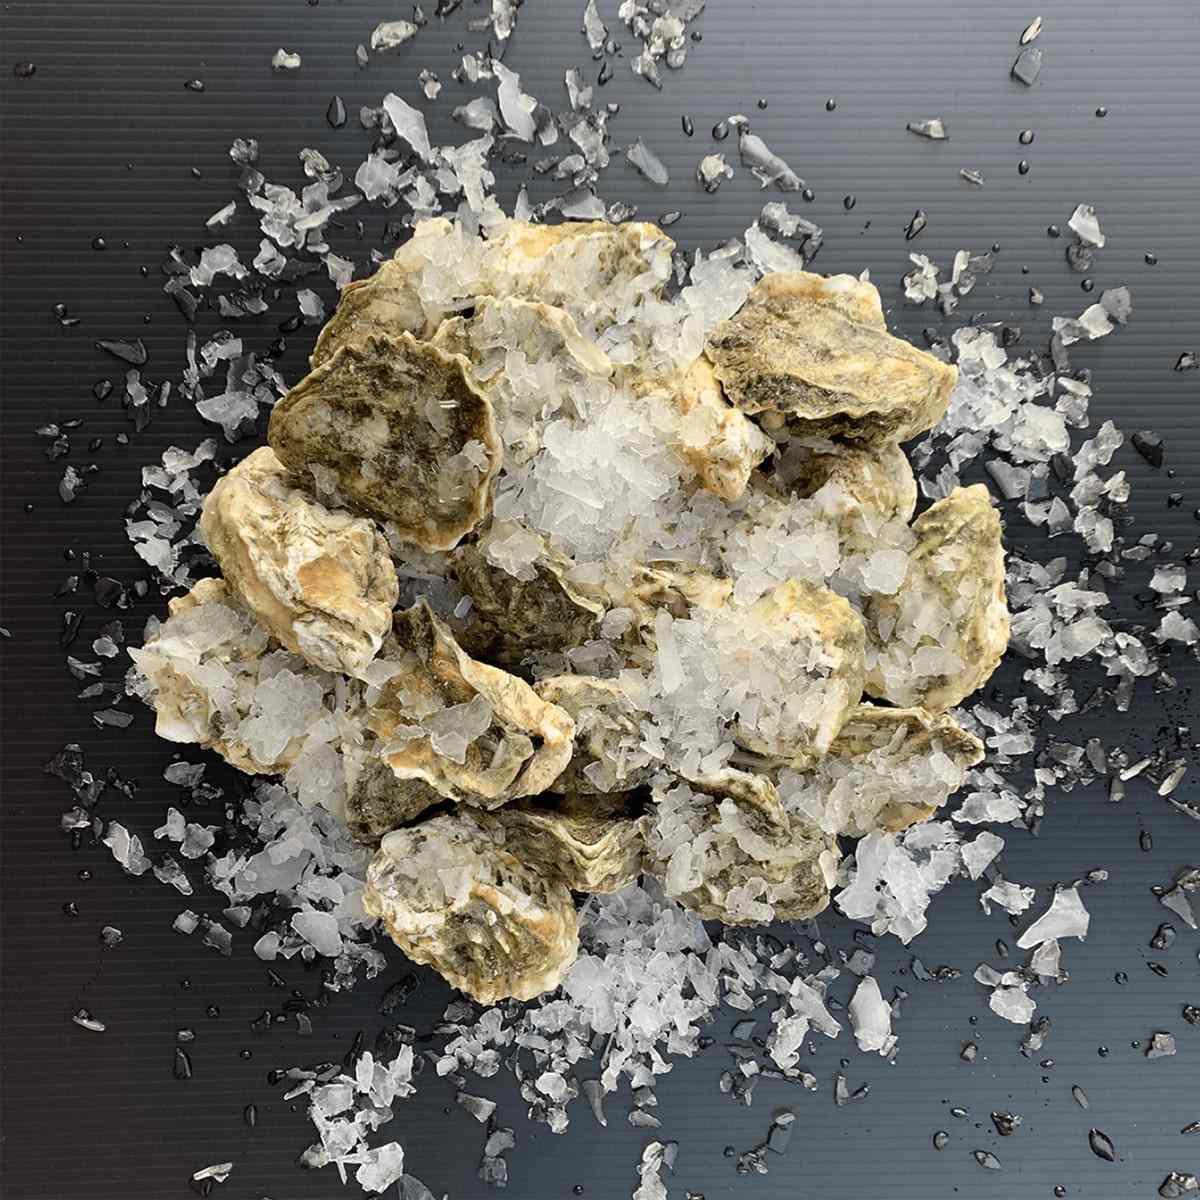 pike-place-fish-market-kumamoto-oysters